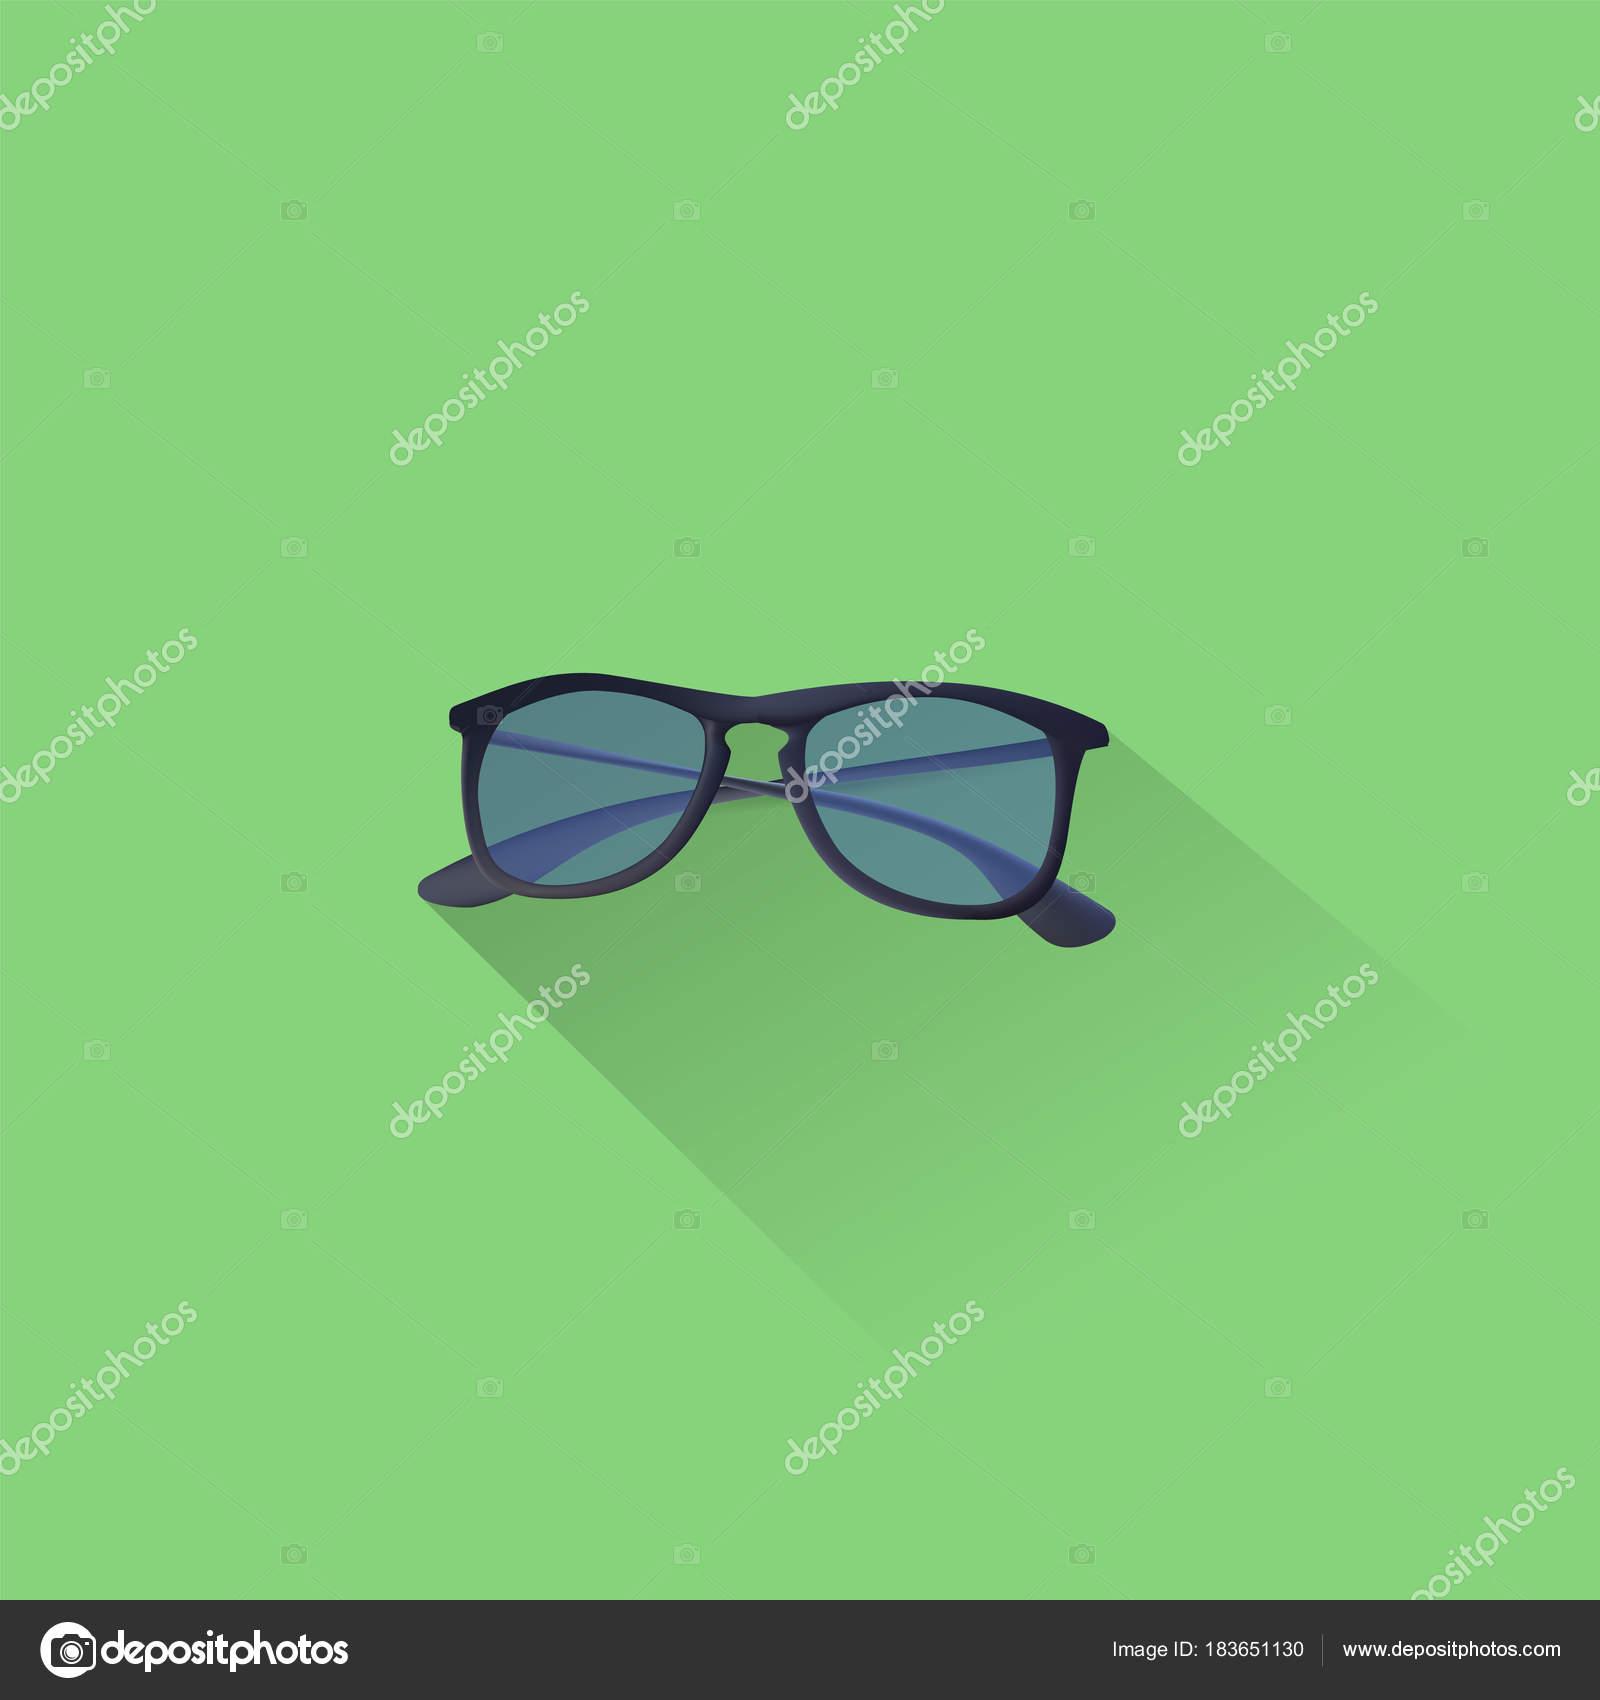 12776f3aa3e52 Óculos Sol Simples Ícone Fundo Verde Vetorial Ilustração Arquivo Eps ...